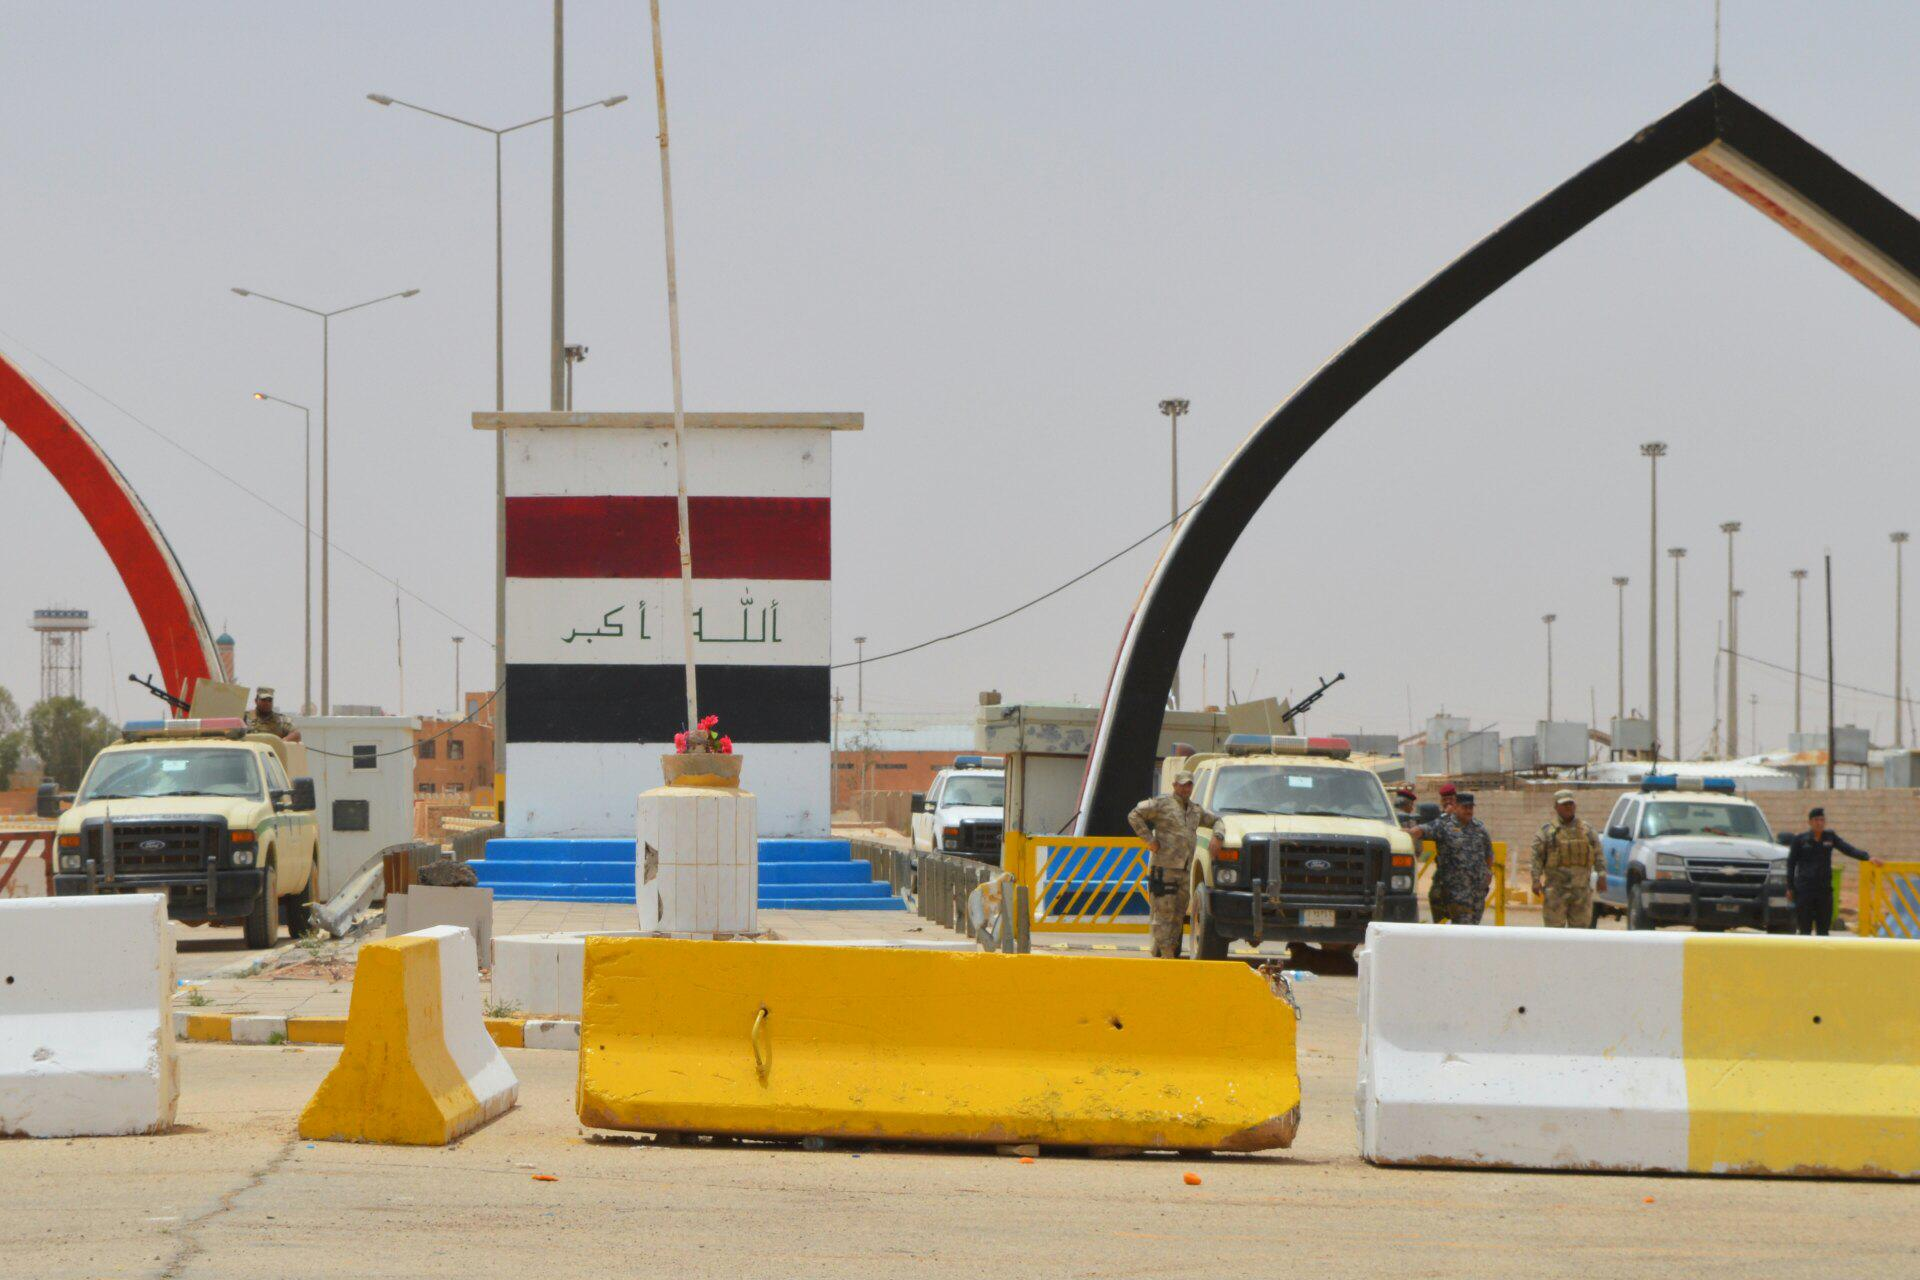 قتلى وجرحى بتفجير انتحاري استهدف مقراً لحرس الحدود غربي الأنبار